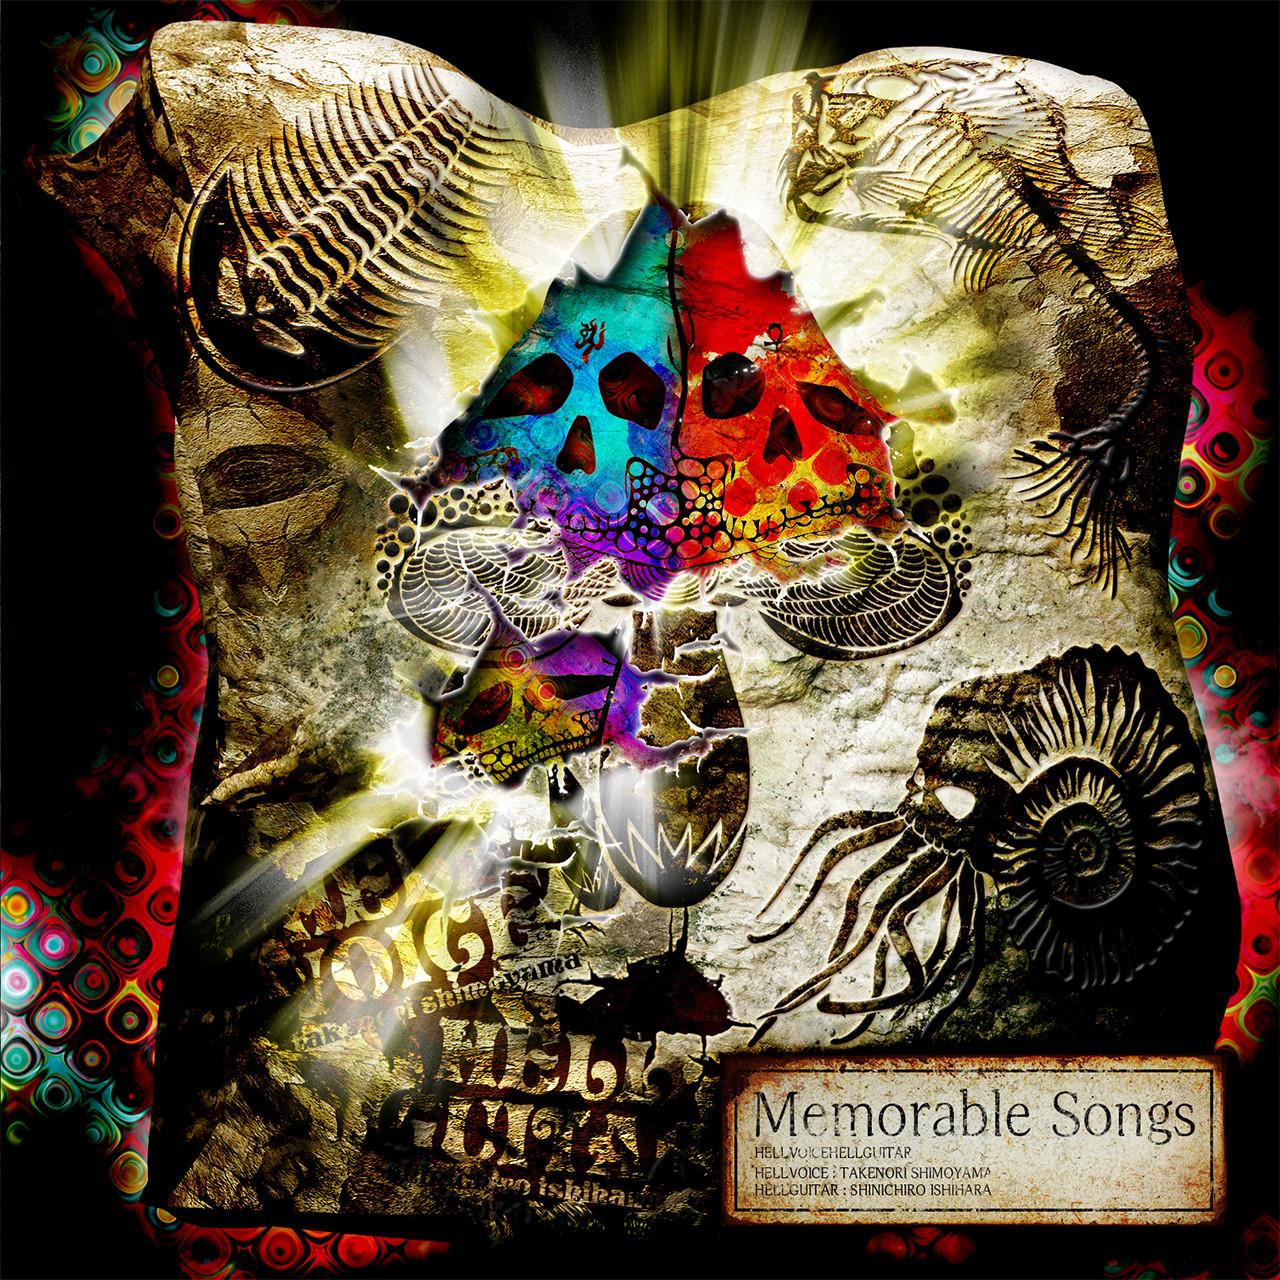 (7/10発売)CD:『Memorable Songs』HELLVOICE HELLGUITAR